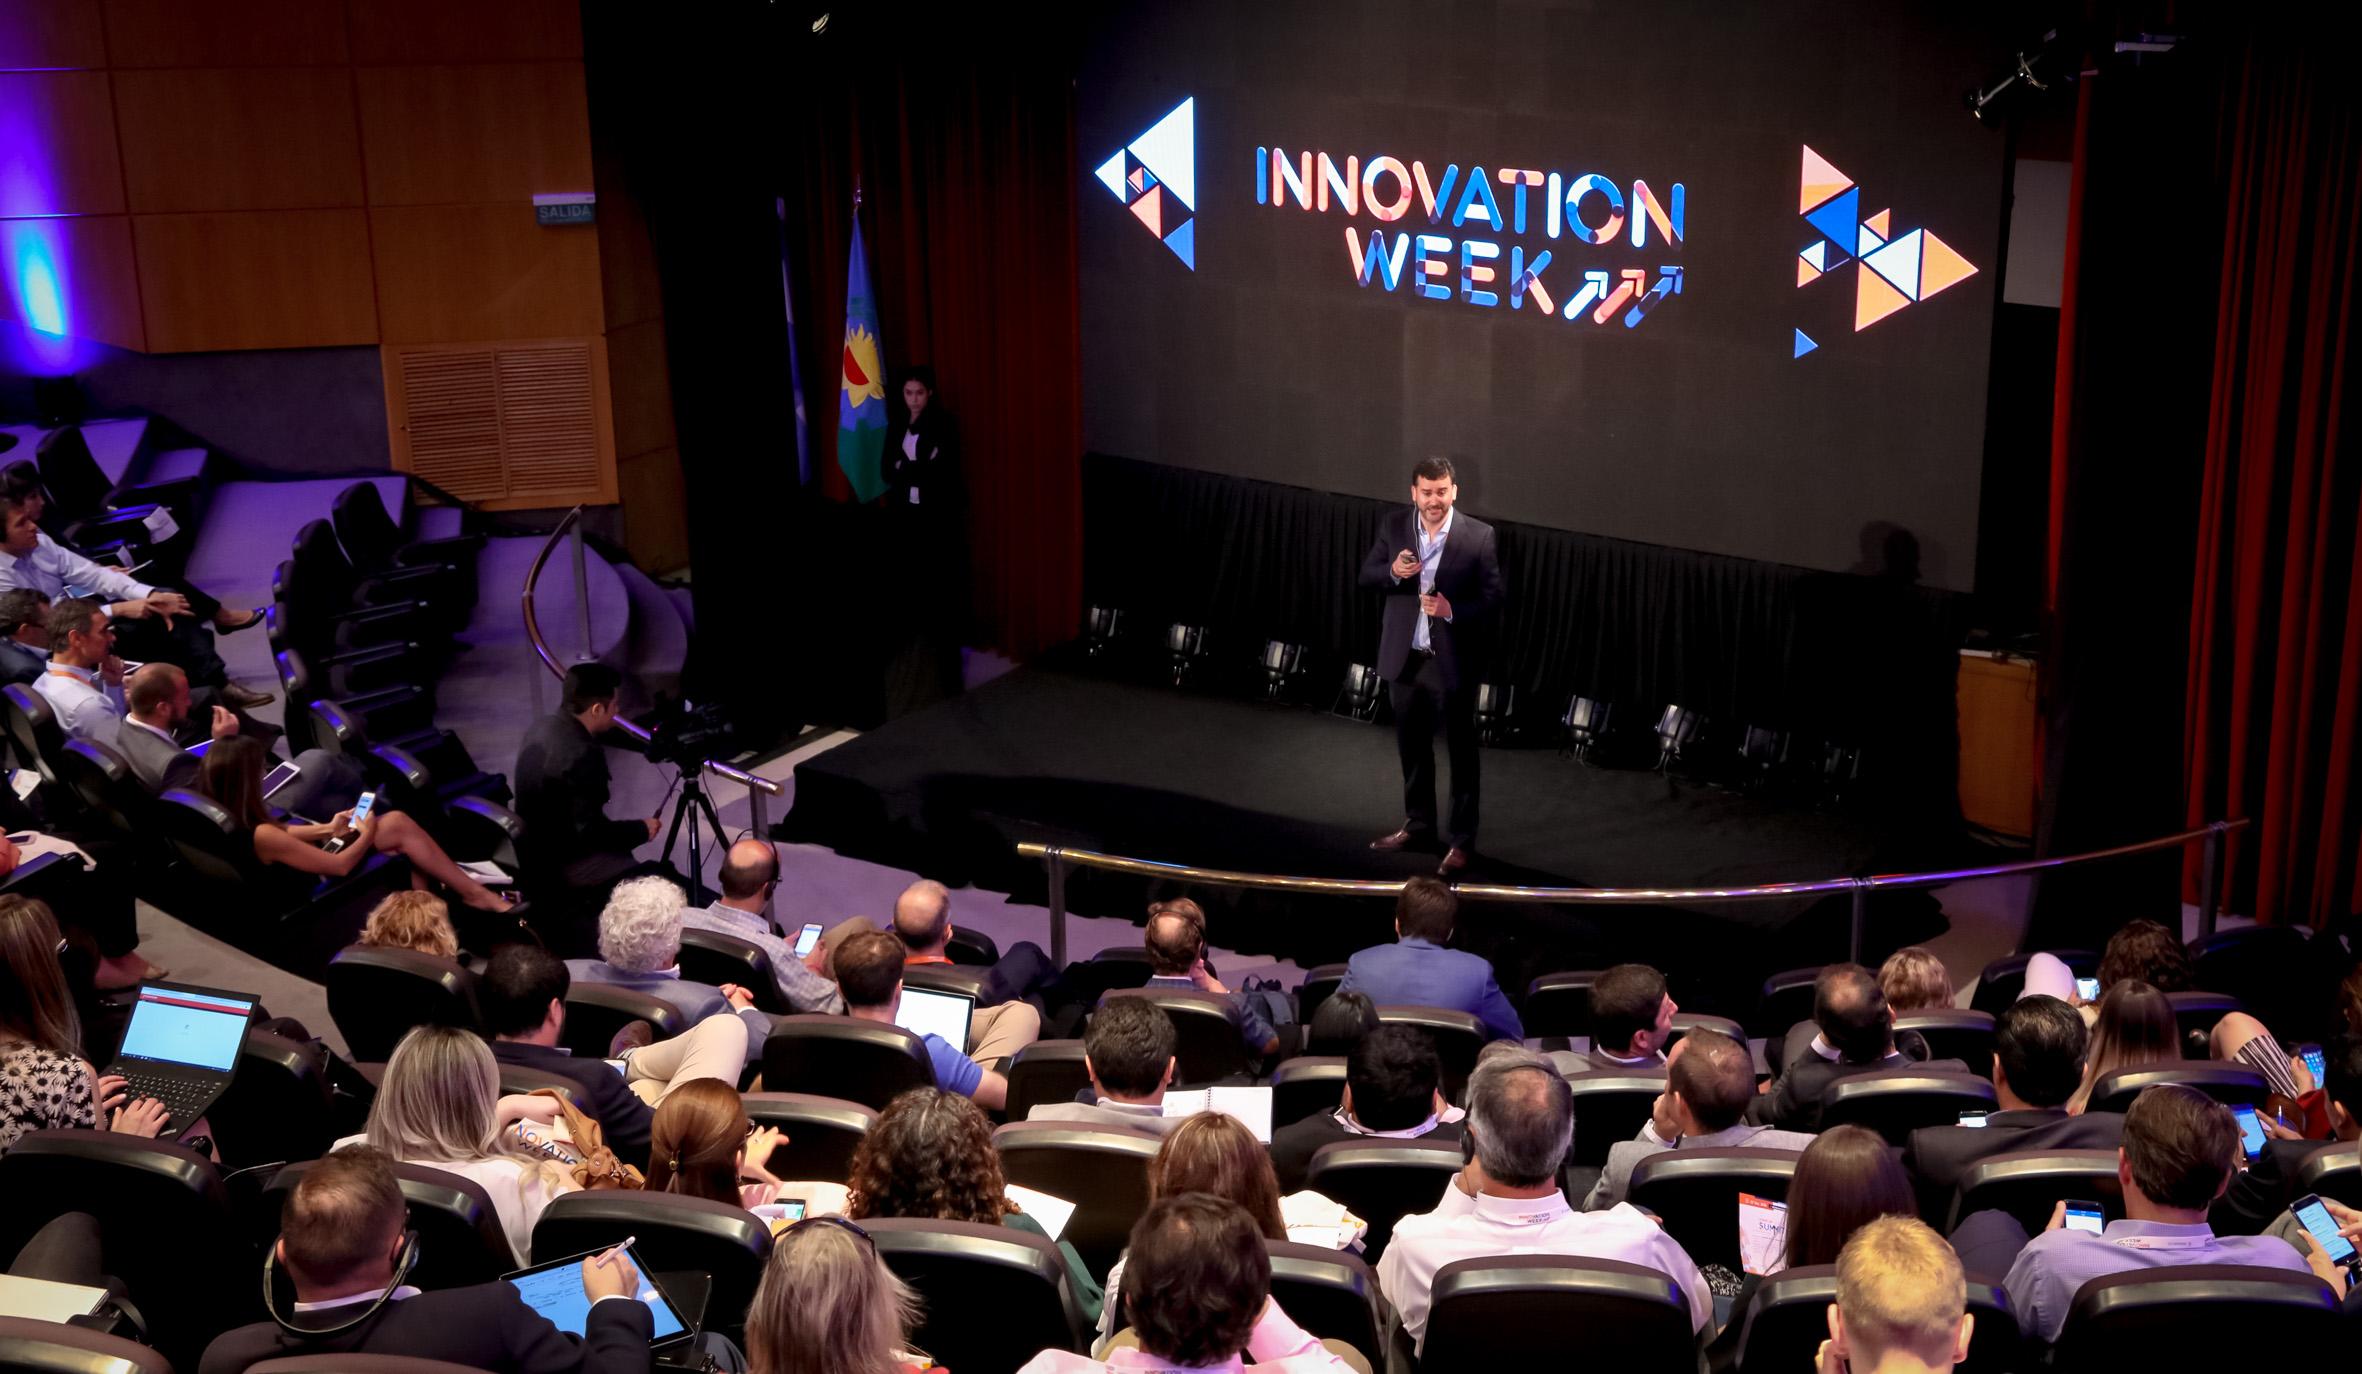 Carlos Peralta, Director del área digital de Novartis